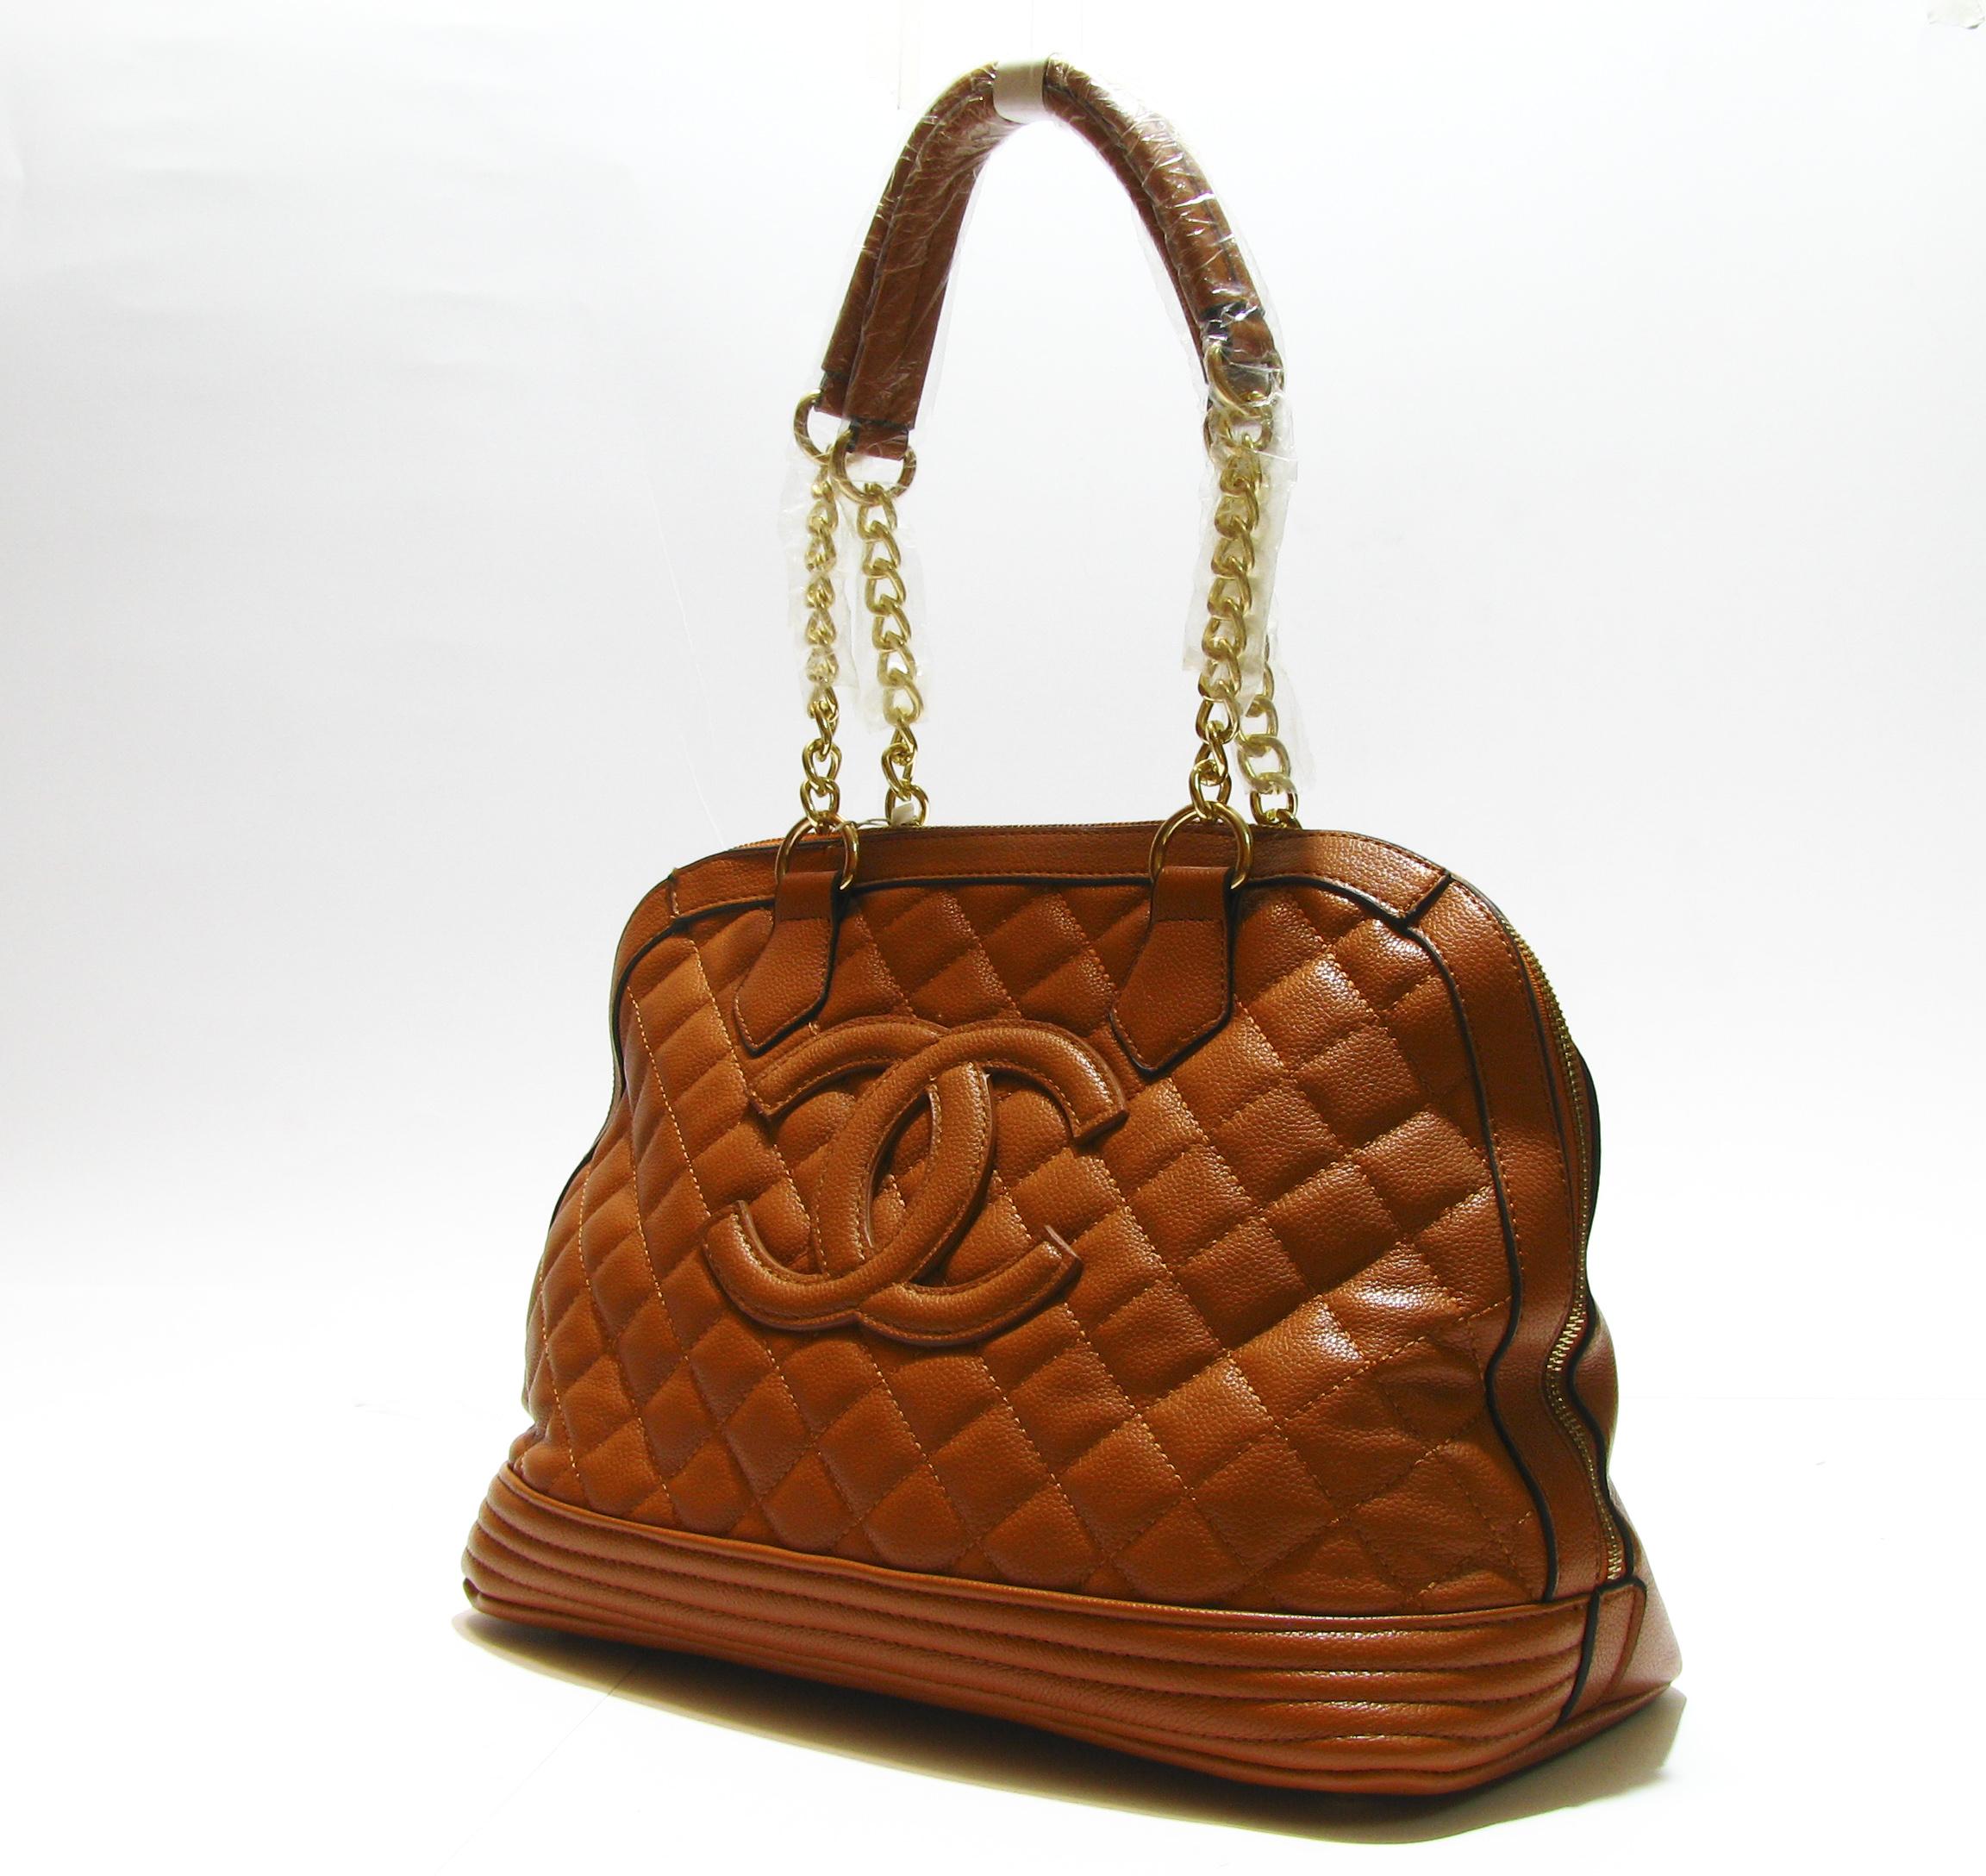 style vintage handbag